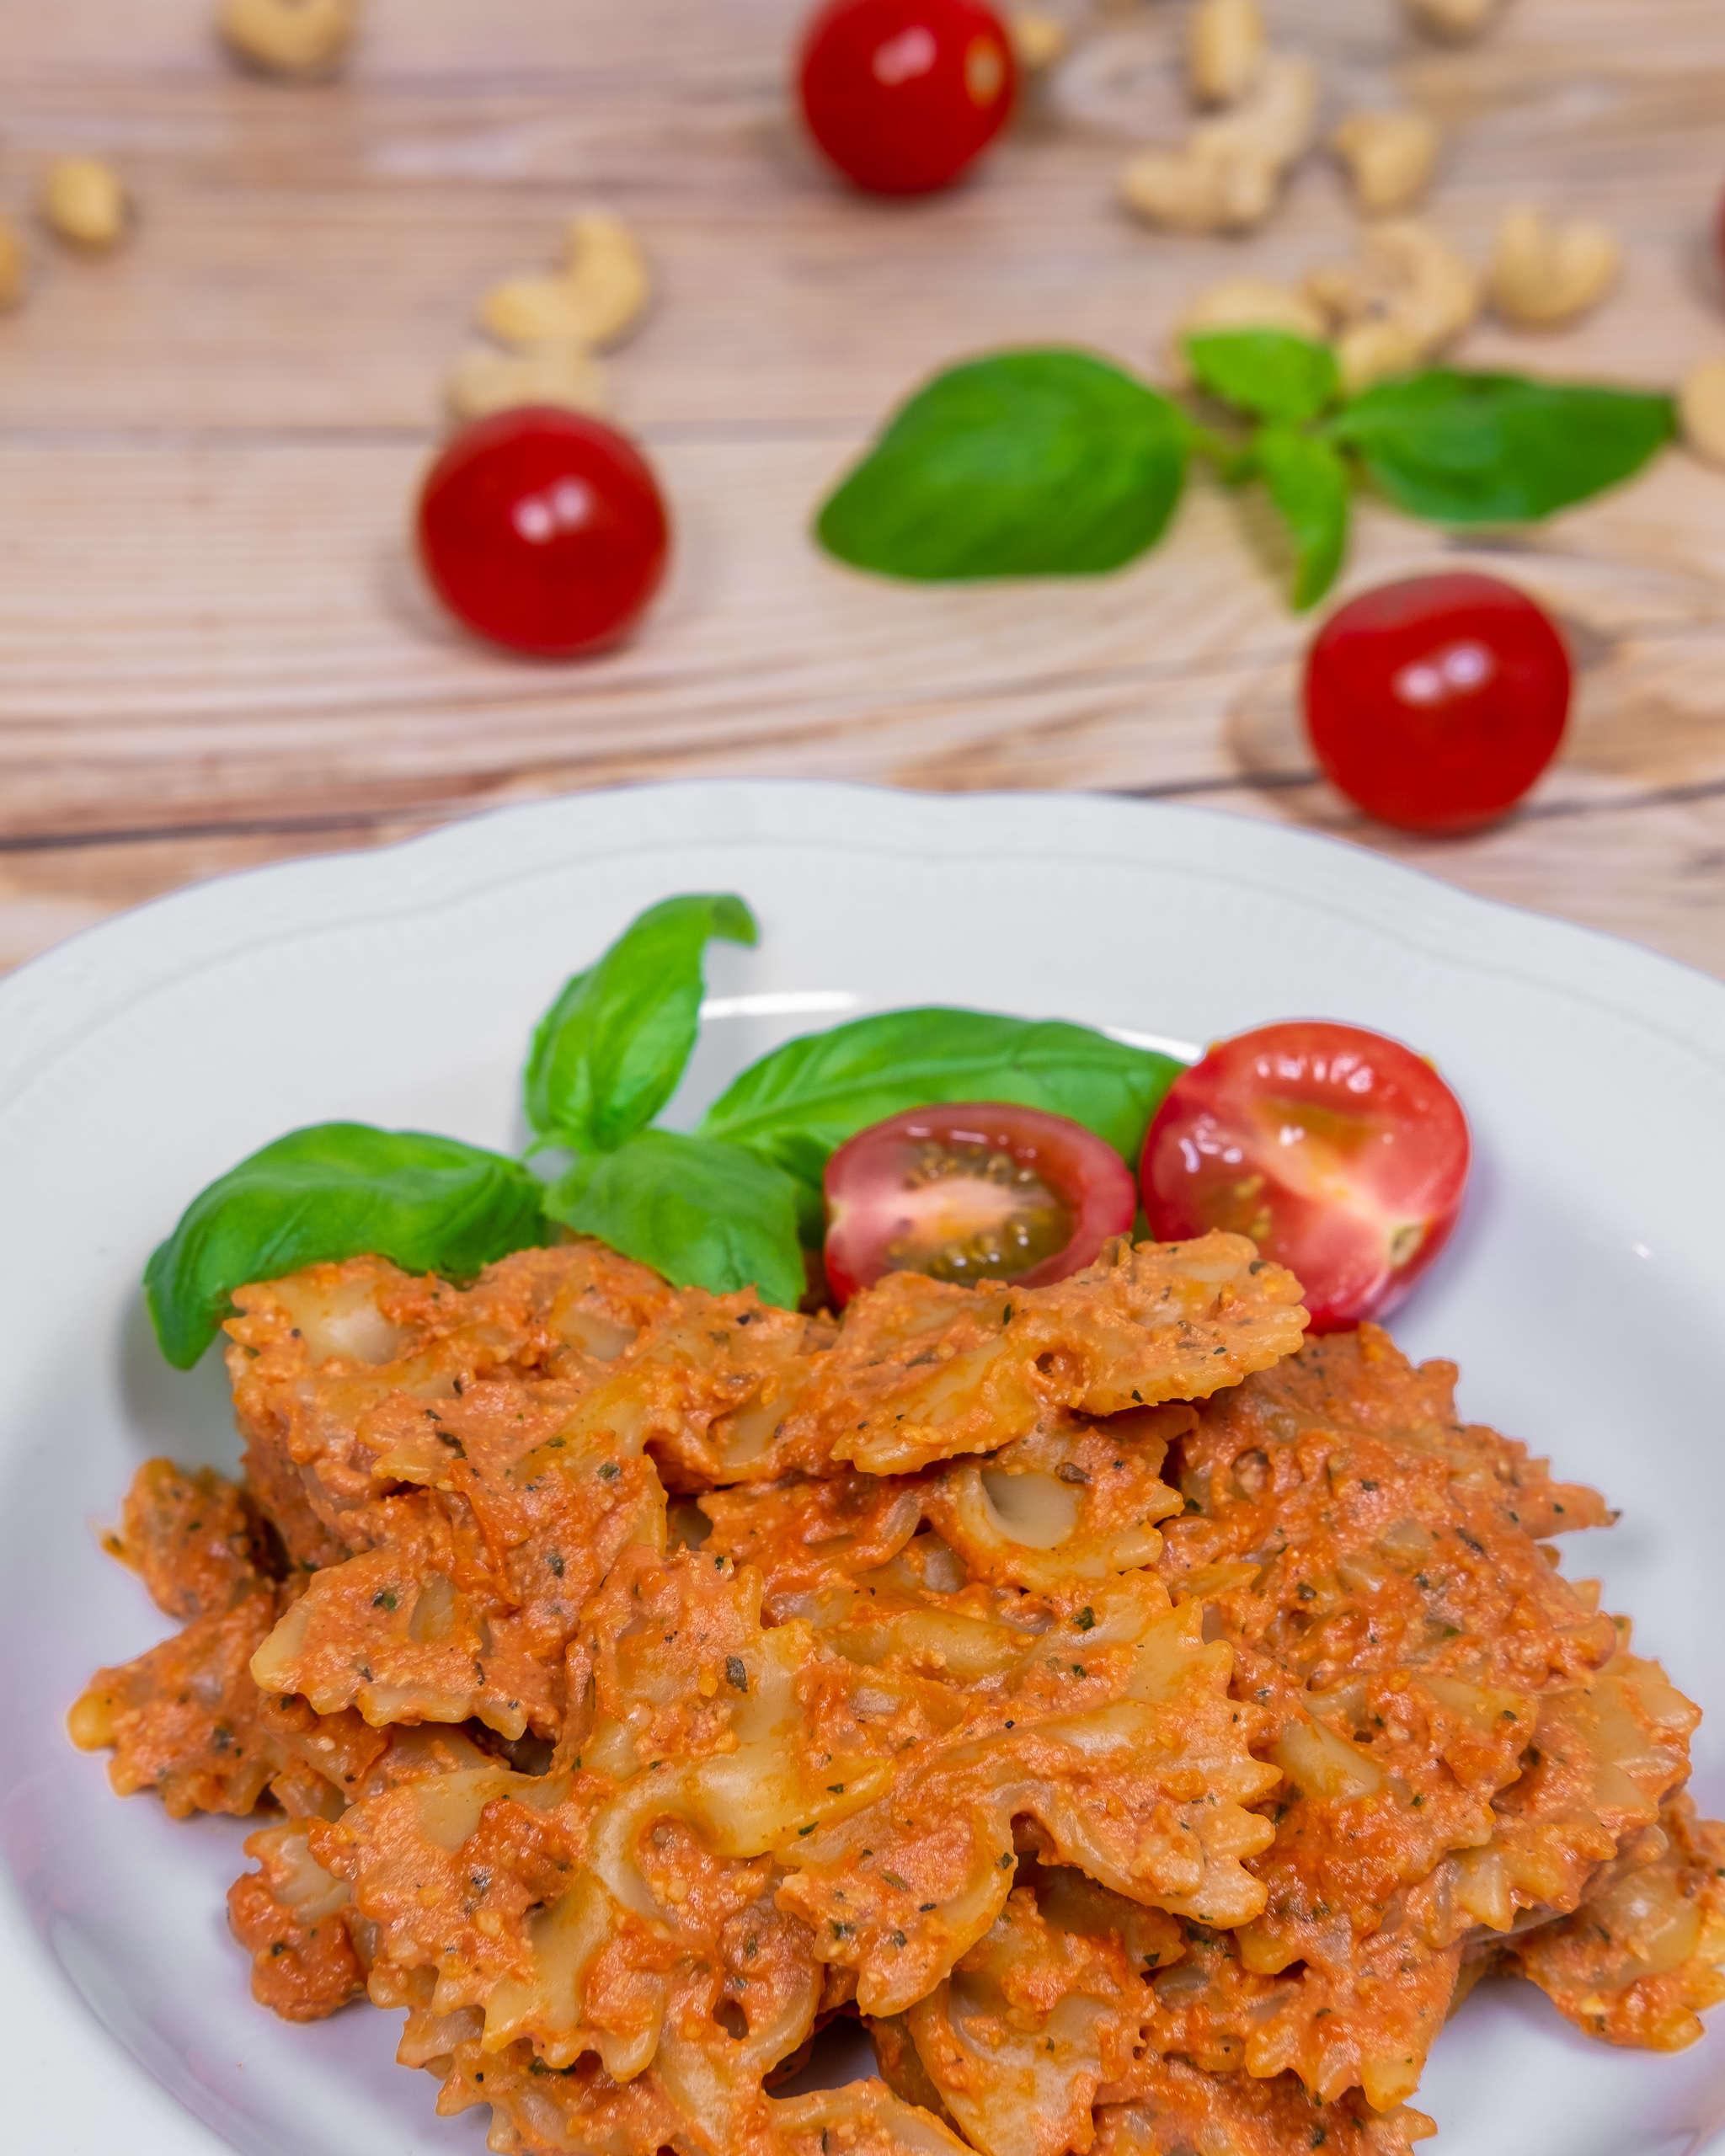 Easy to make tomato sauce pasta